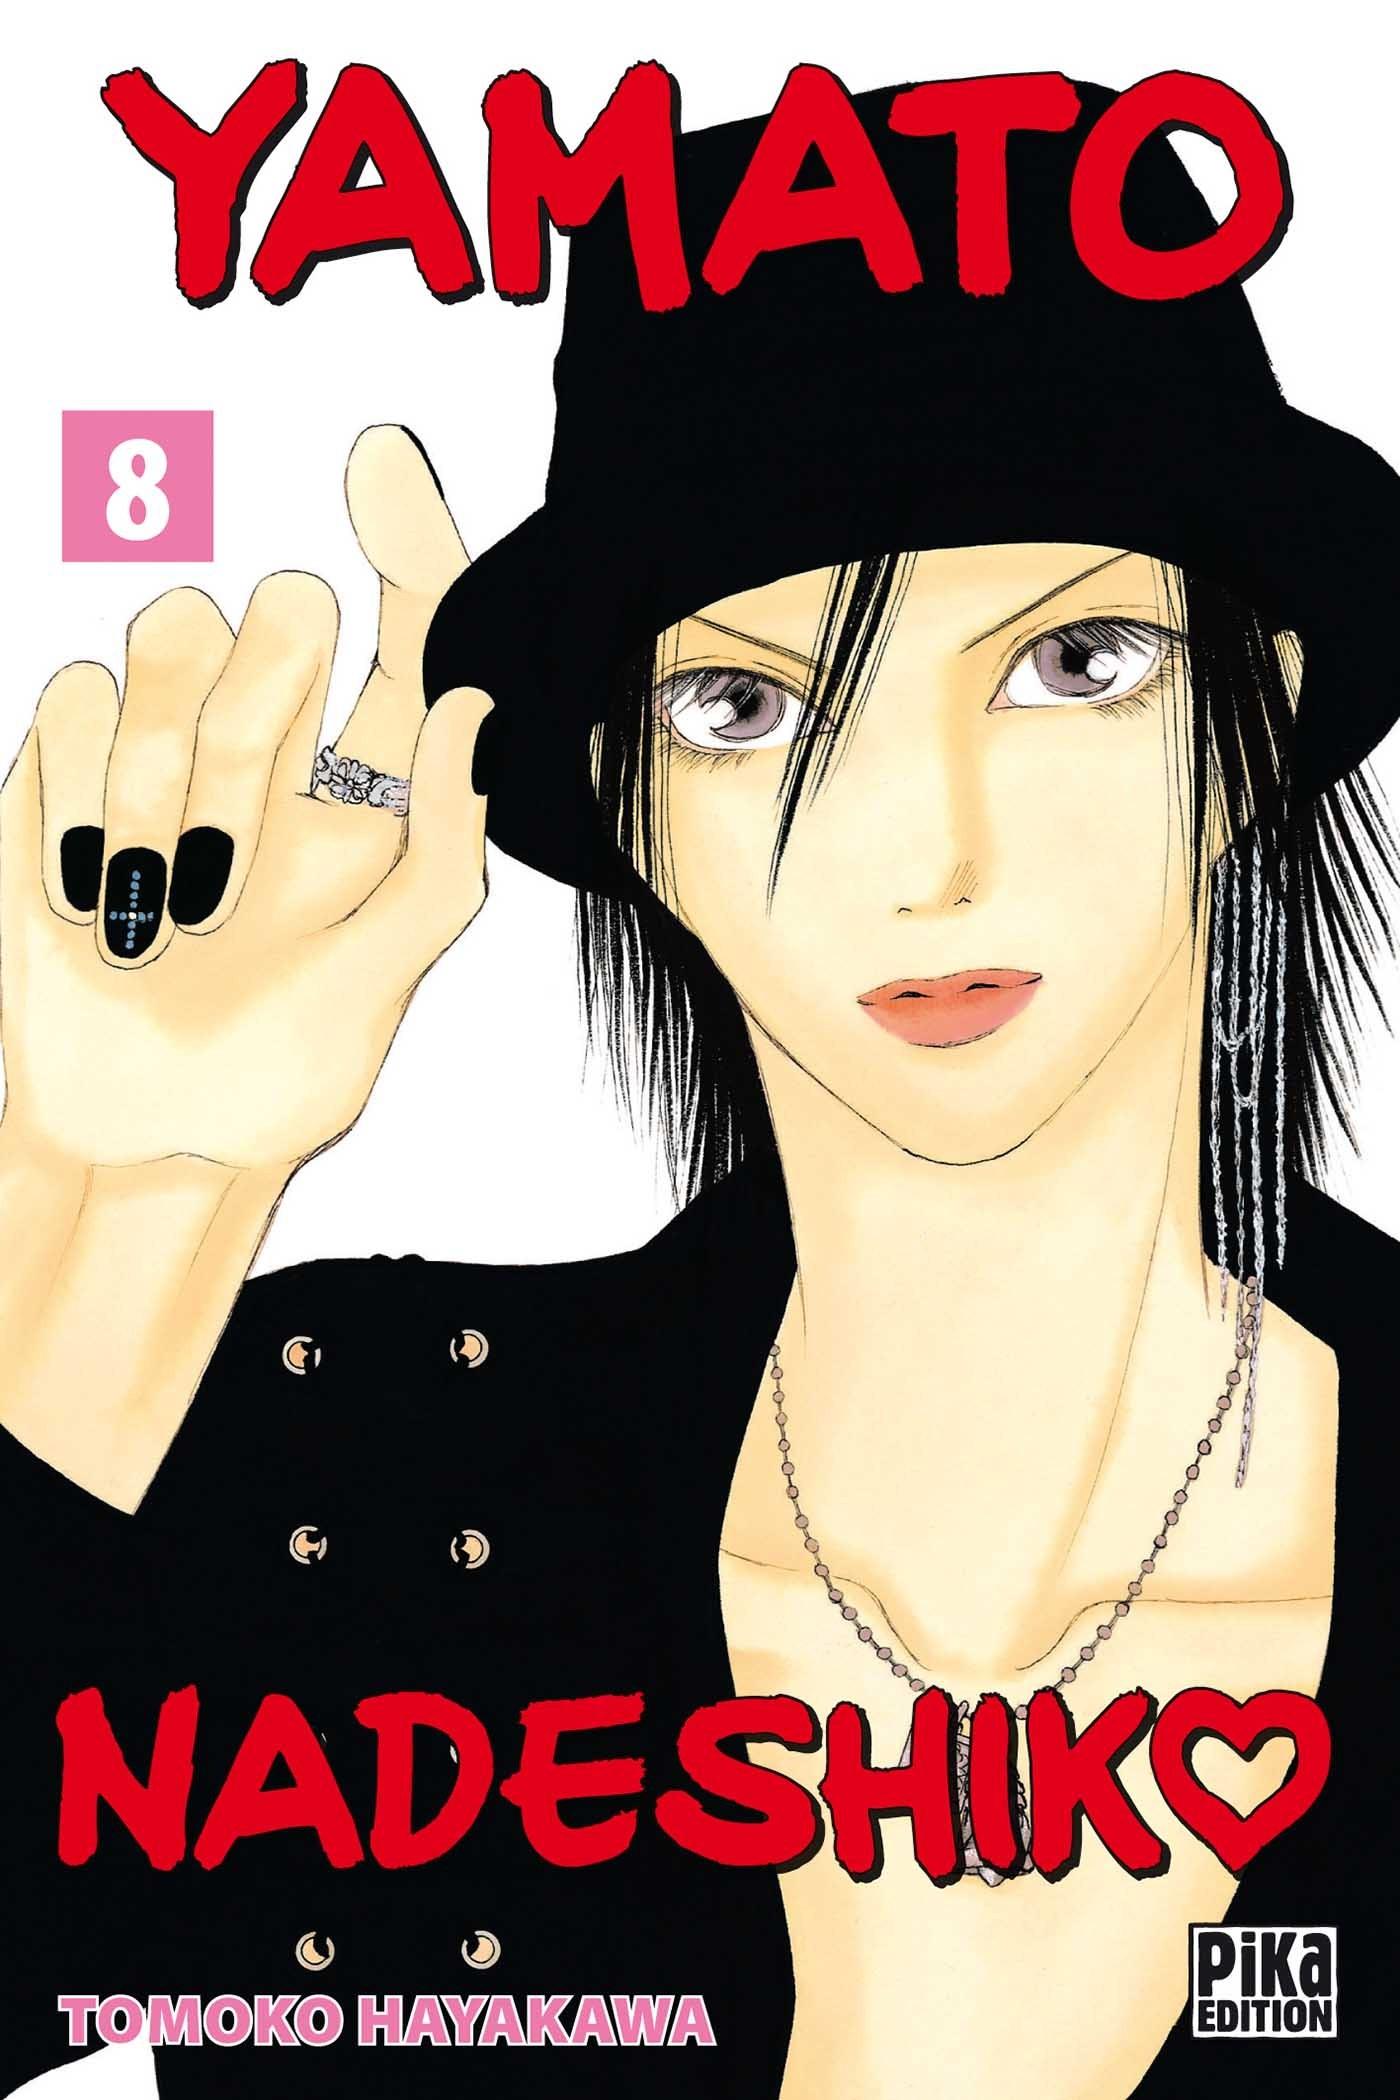 YAMATO NADESHIKO T08